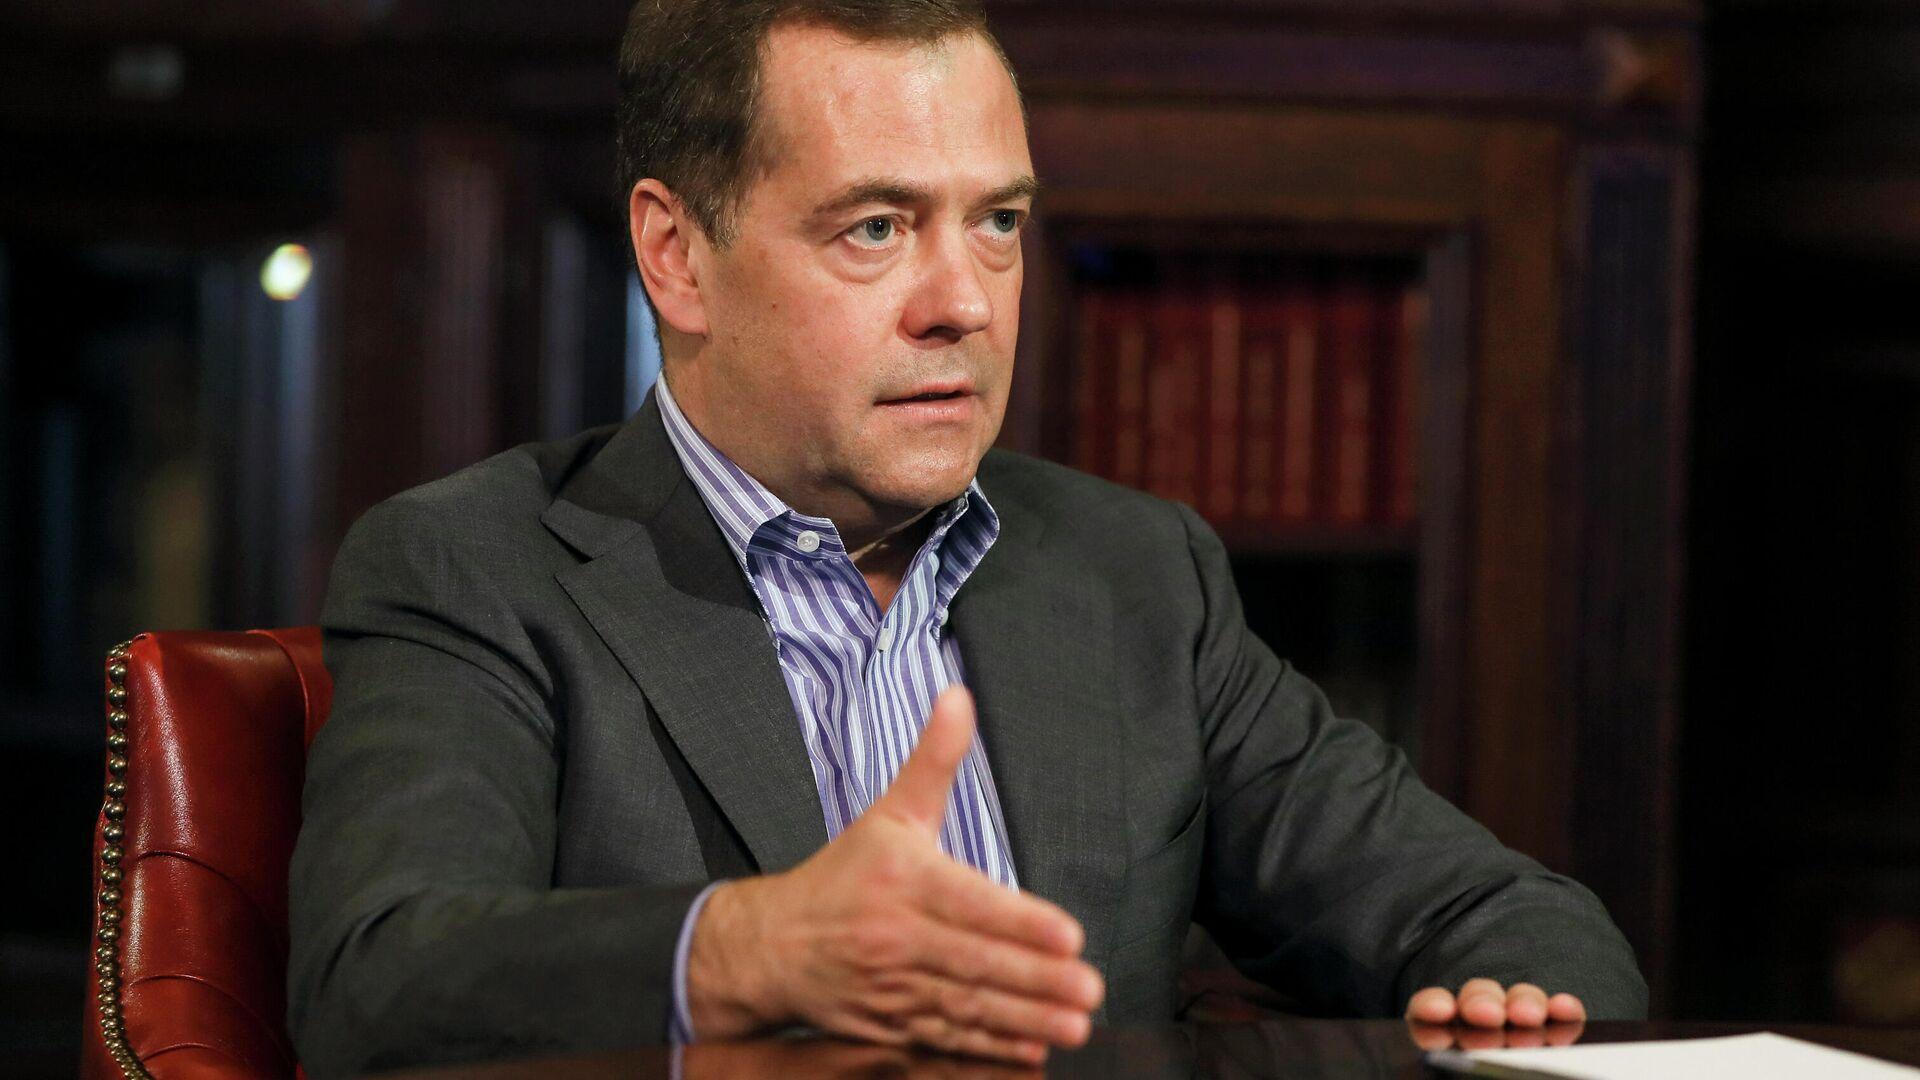 Дмитрий Медведев во время интервью - РИА Новости, 1920, 05.08.2020